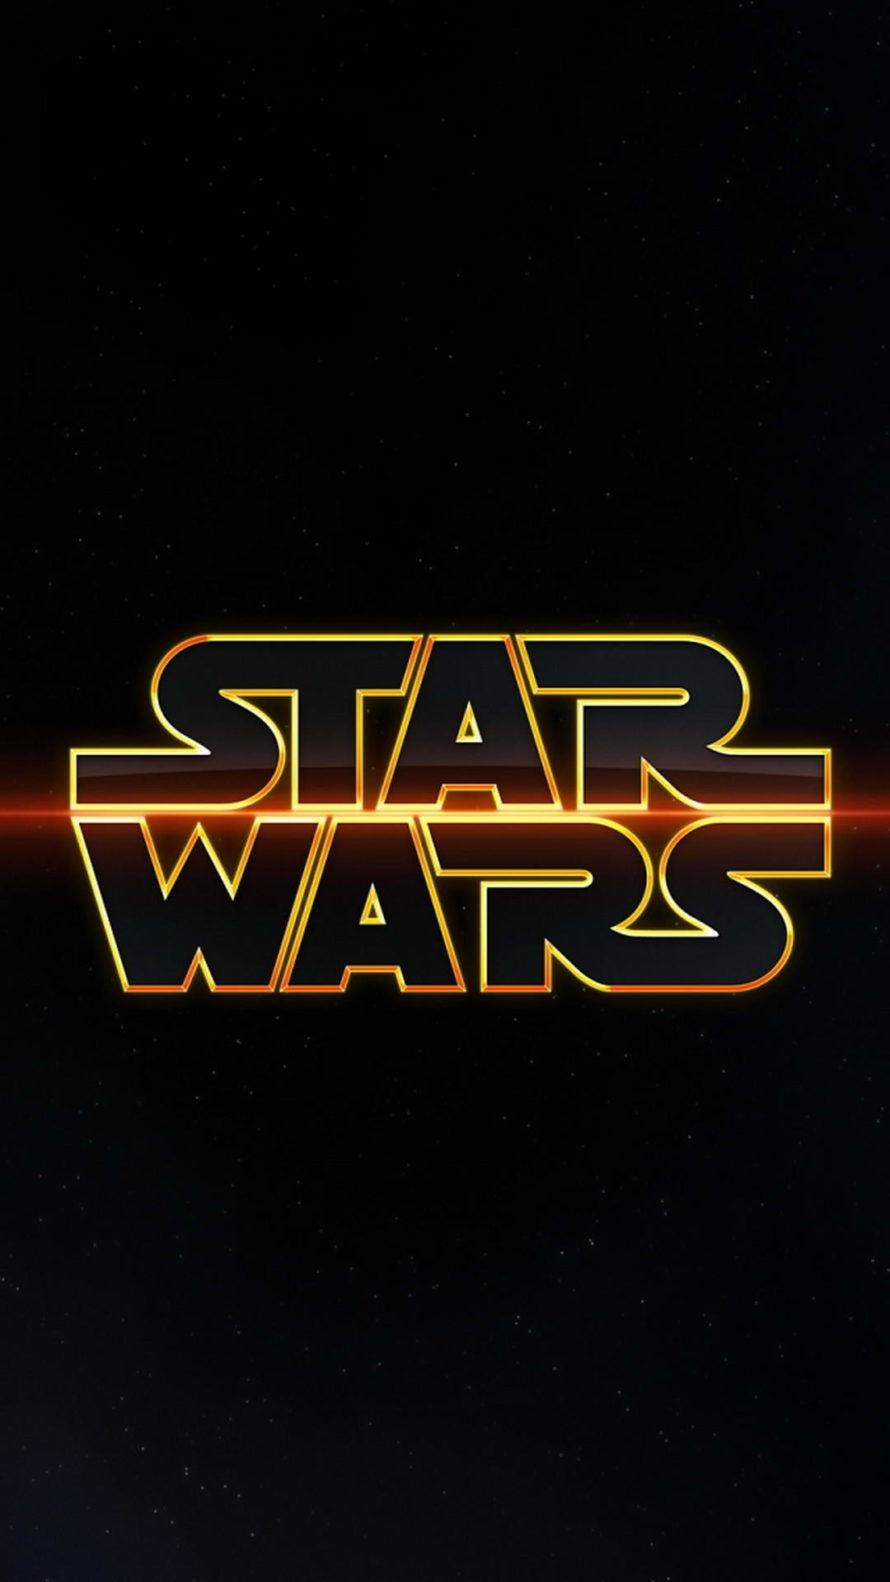 Star Wars Wallpaper Galaxy S8 Star Wars Logo Wallpaper Iphone 890x1582 Wallpaper Teahub Io